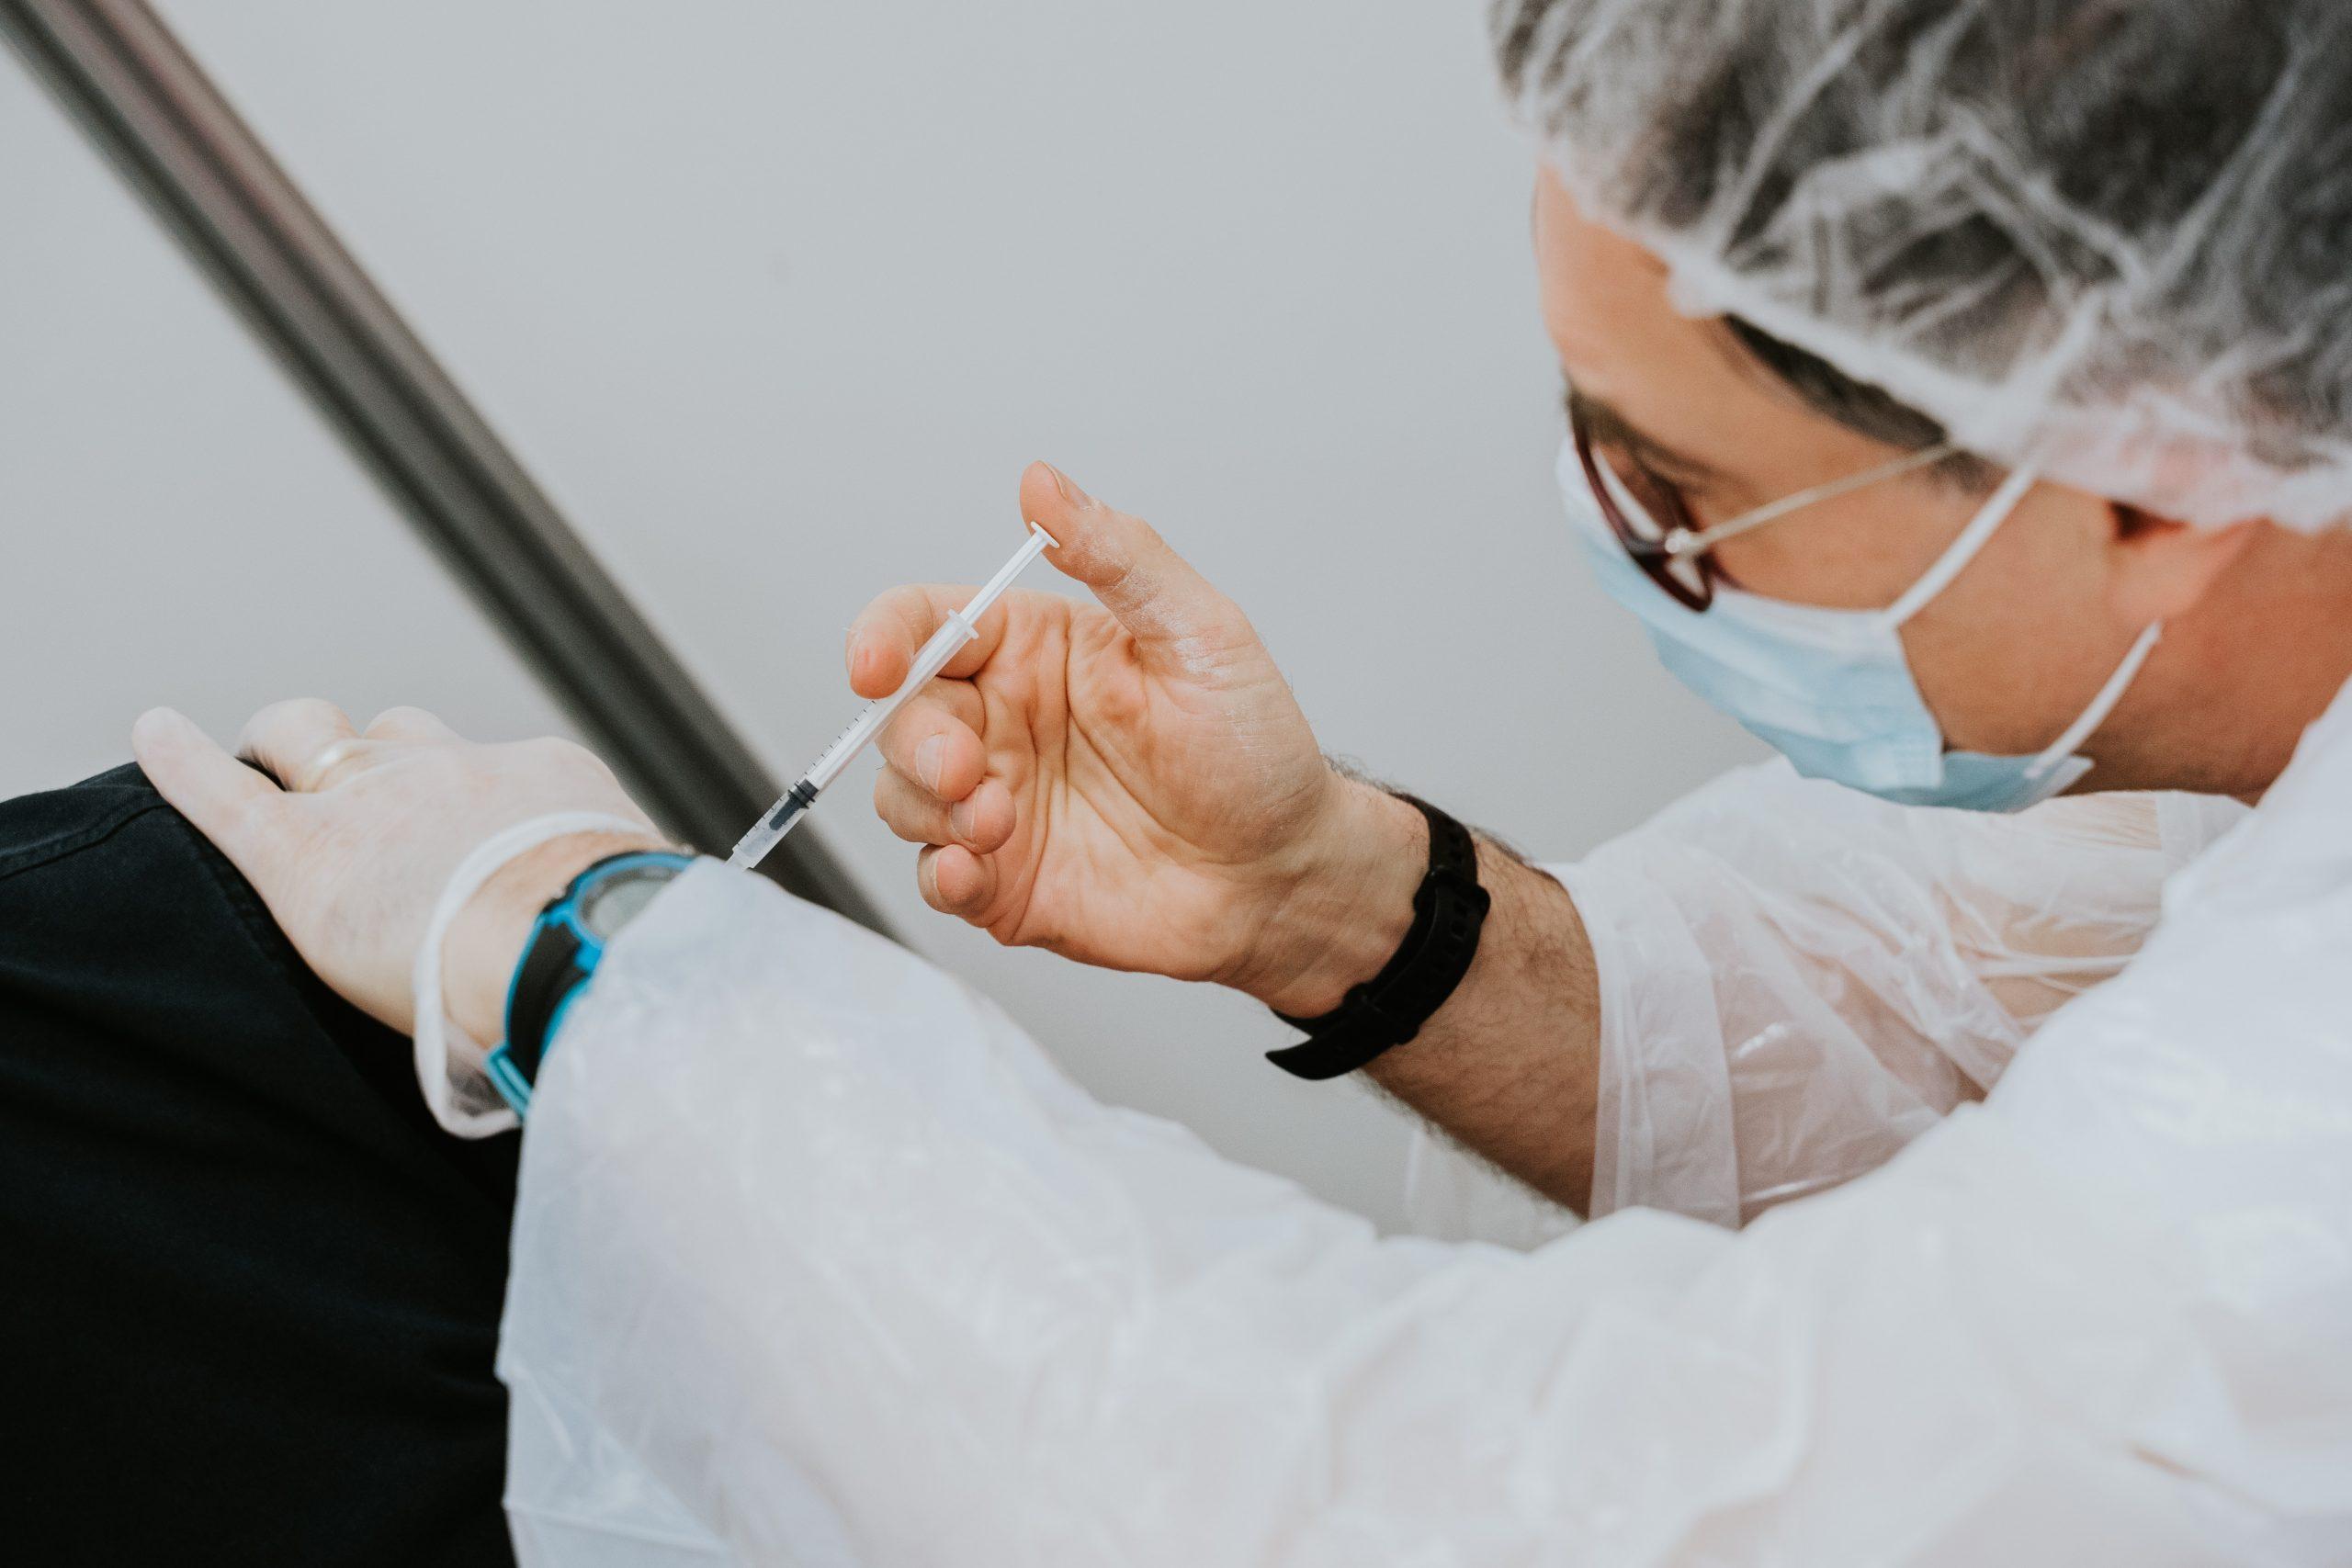 Mai mult de 3000 de bucureșteni s-au hotărât să se vaccineze, pentru prima dată, în ultimele 24 de ore. Alte cinci mii s-au vaccinat cu doza 3